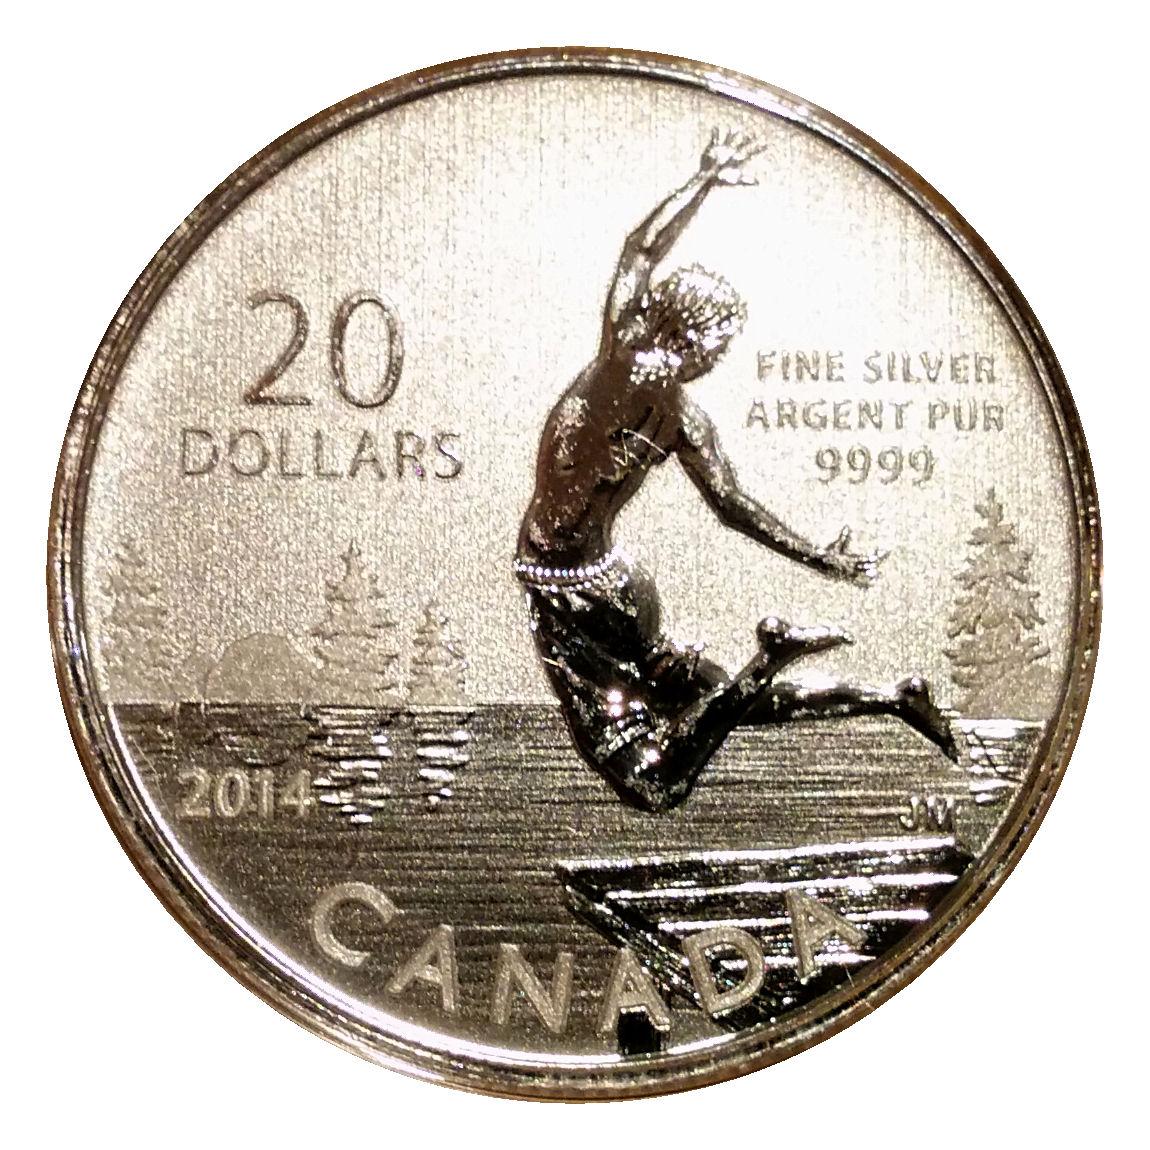 Дух лета (Summertime) - 2004, Канада, 20 долларов, Серебро